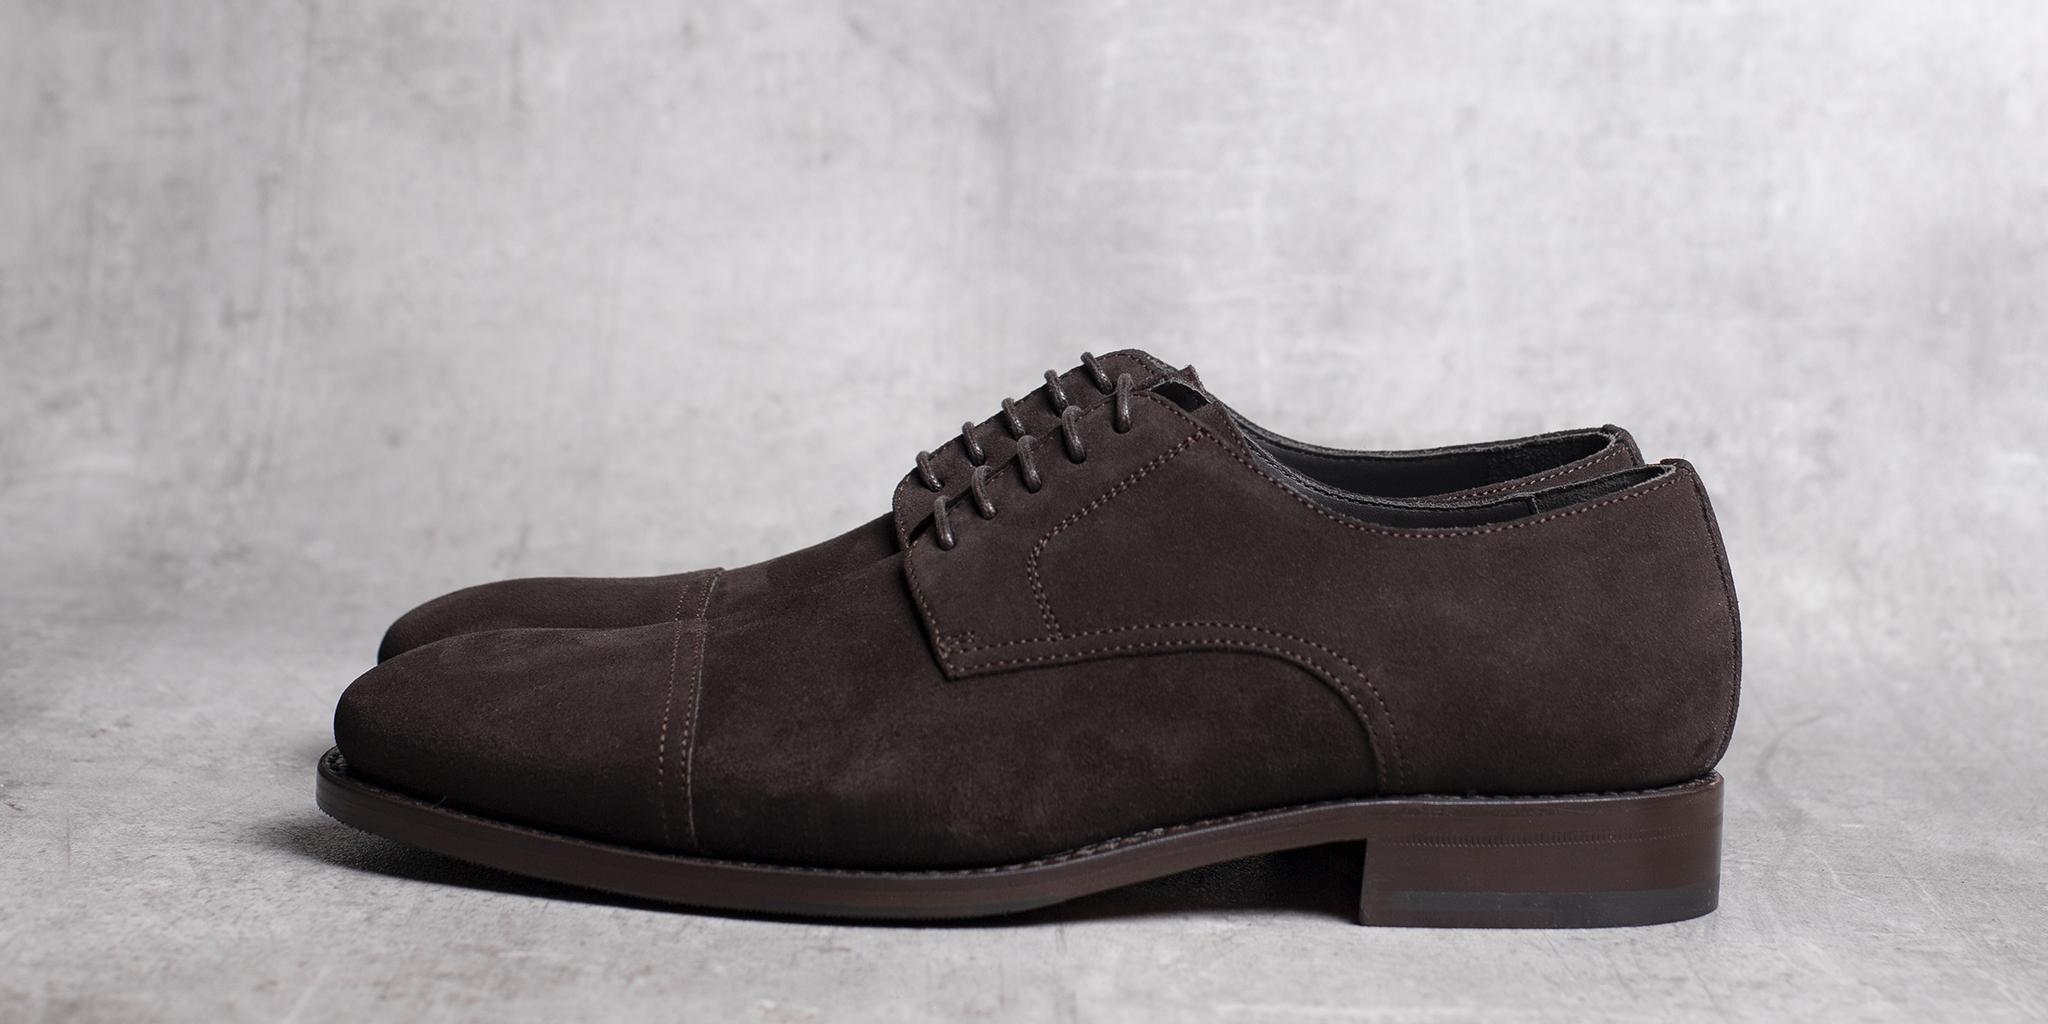 DERBY · 0649 Split Suede leather dark brown The Seëlk 3